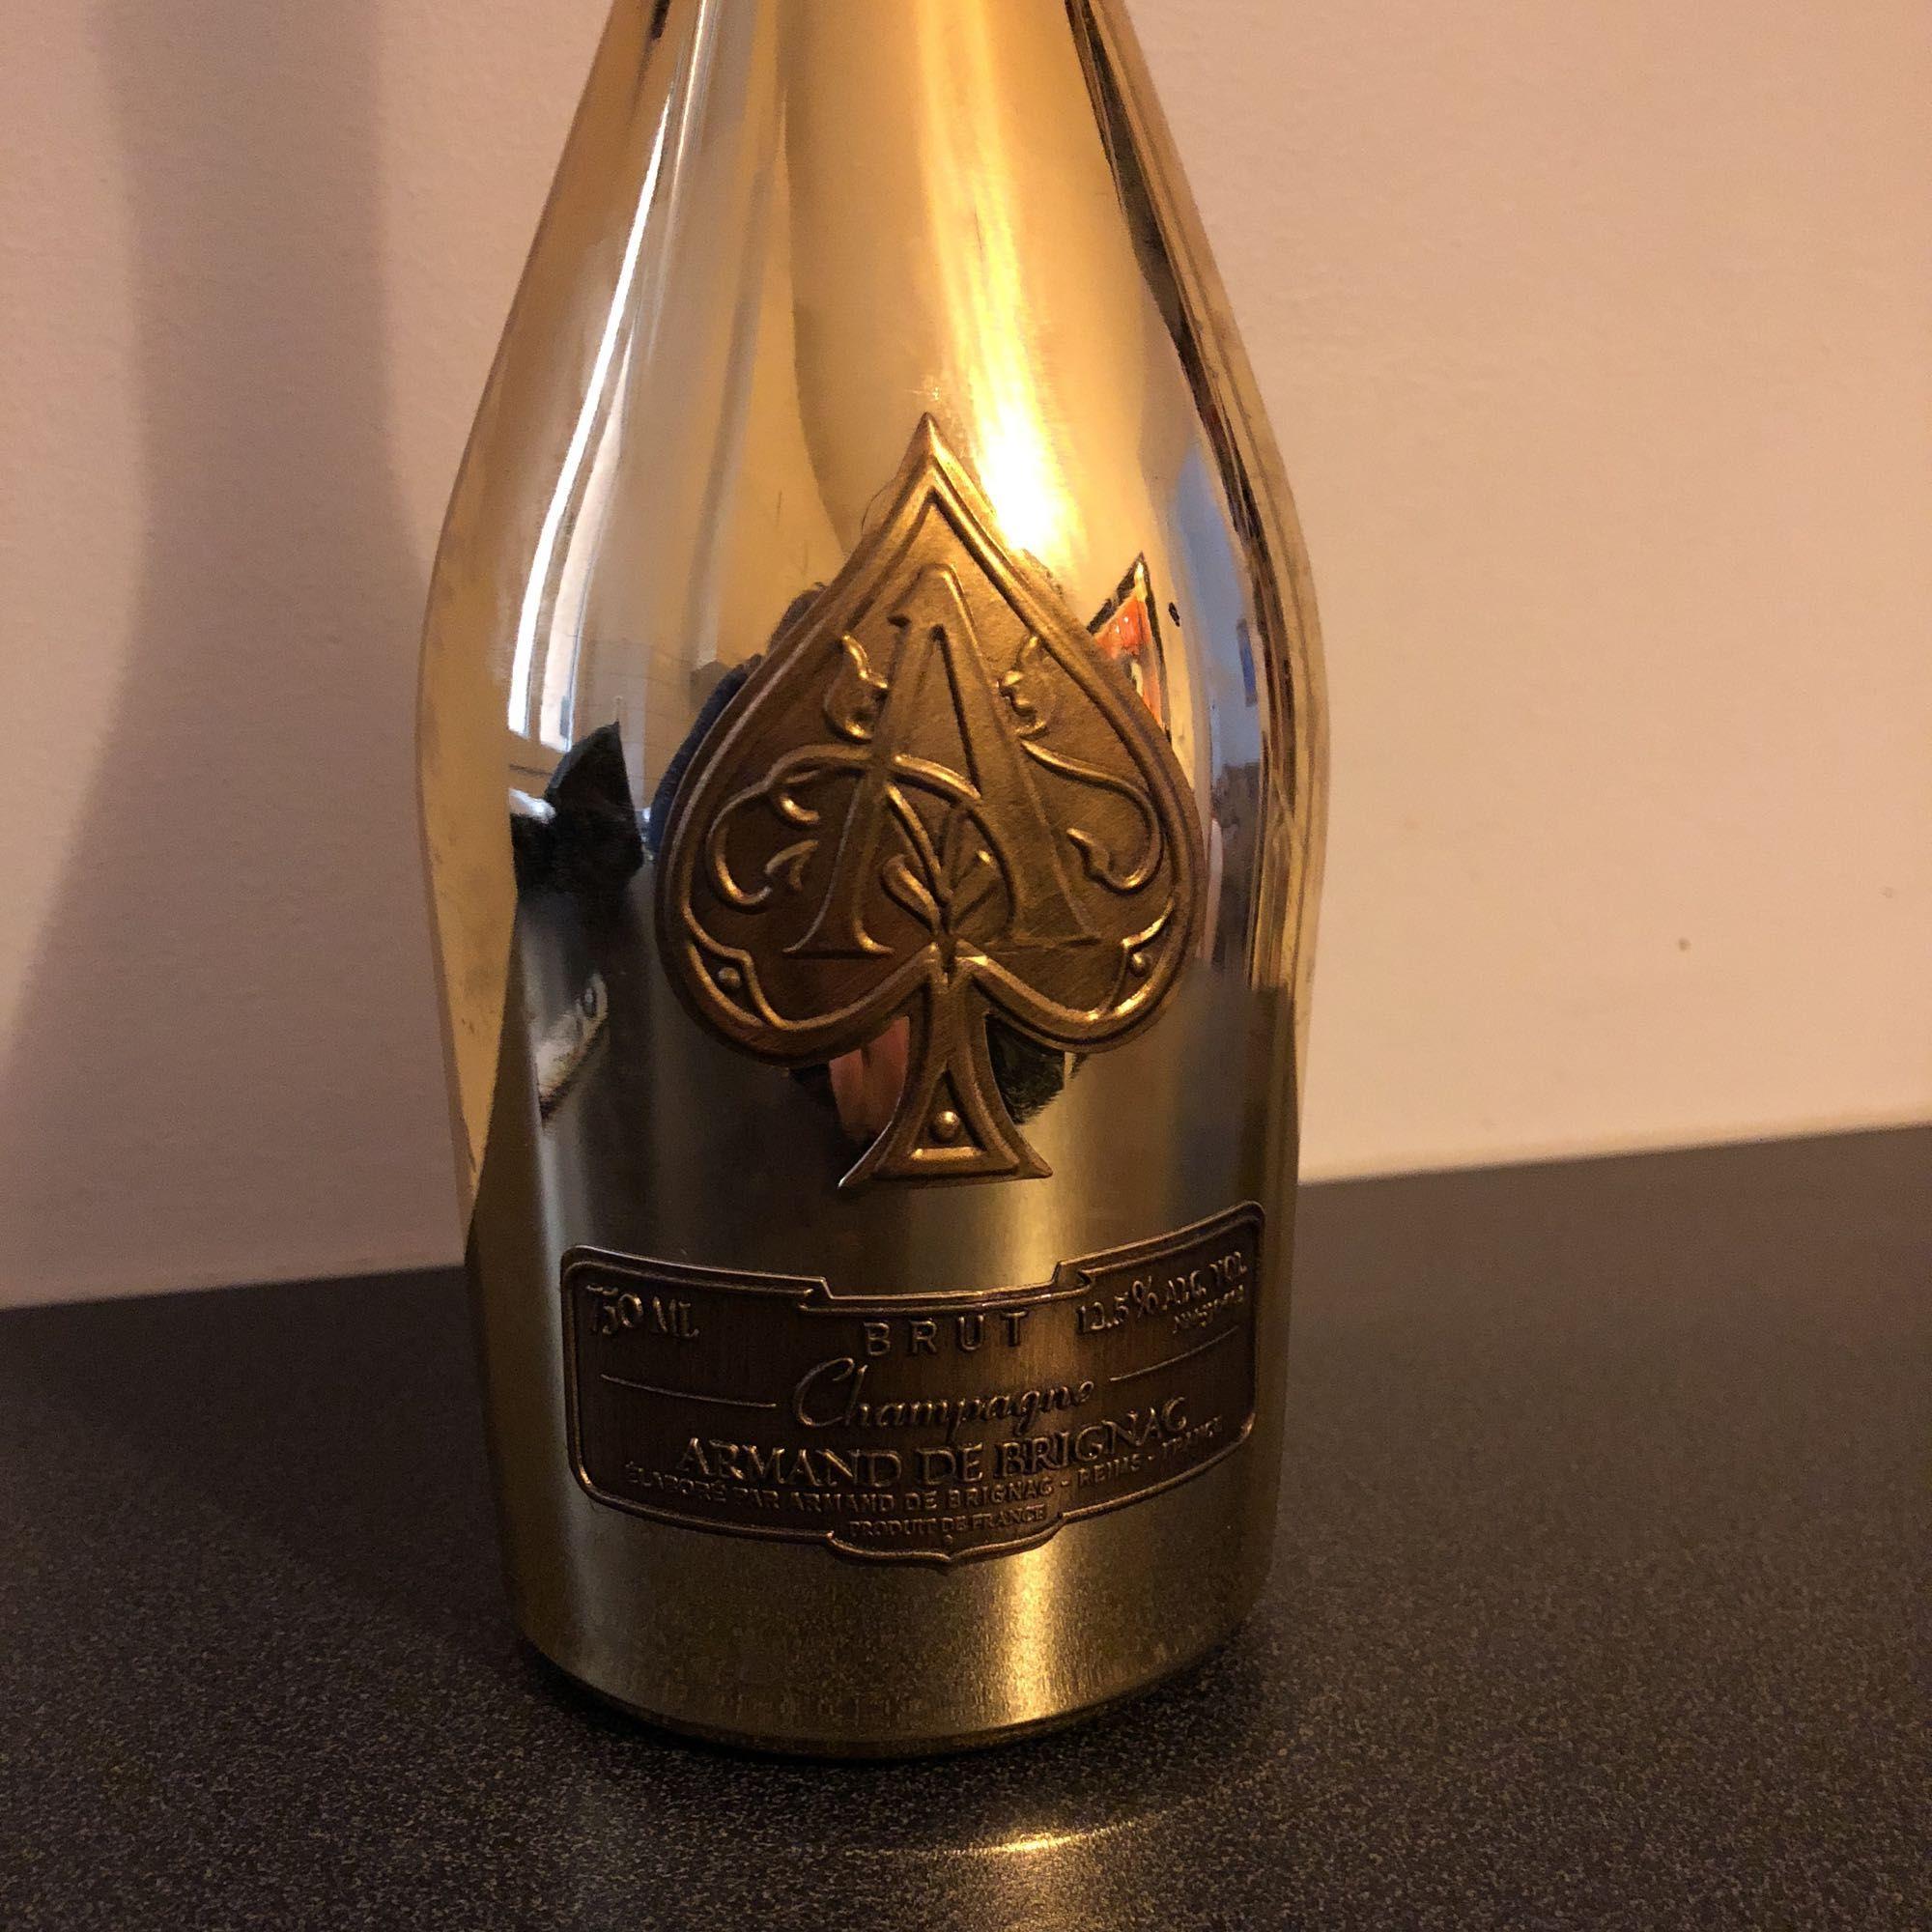 Ace of spades Armand de Brignac Champagne flaska i guld med kork och case. Allt utom asken. . Övrigt.